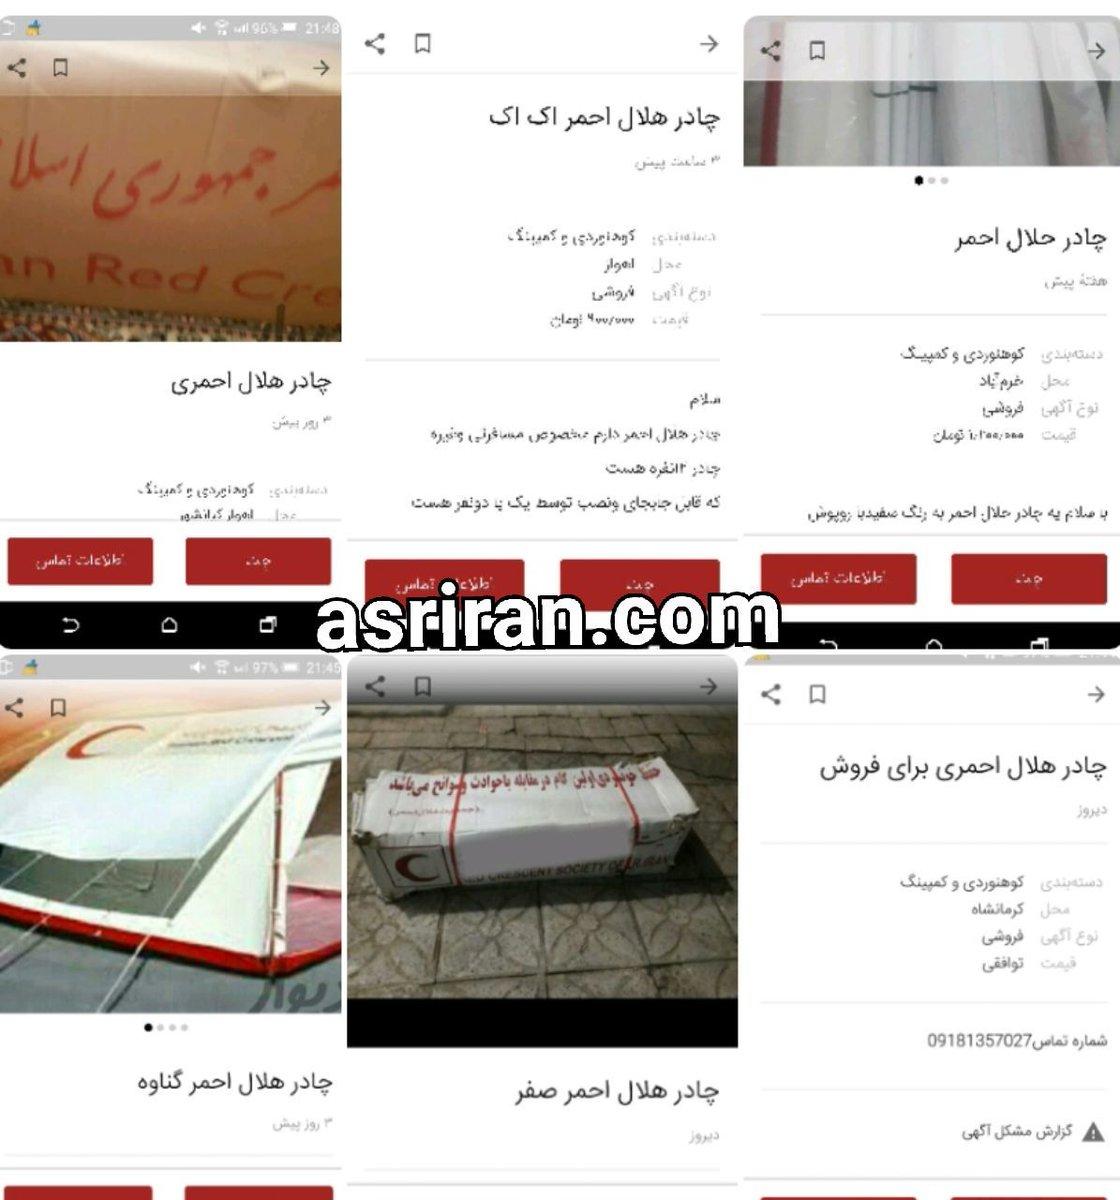 چادرهای هلال احمر در سایت دیوار به فروش گذاشته شده است!